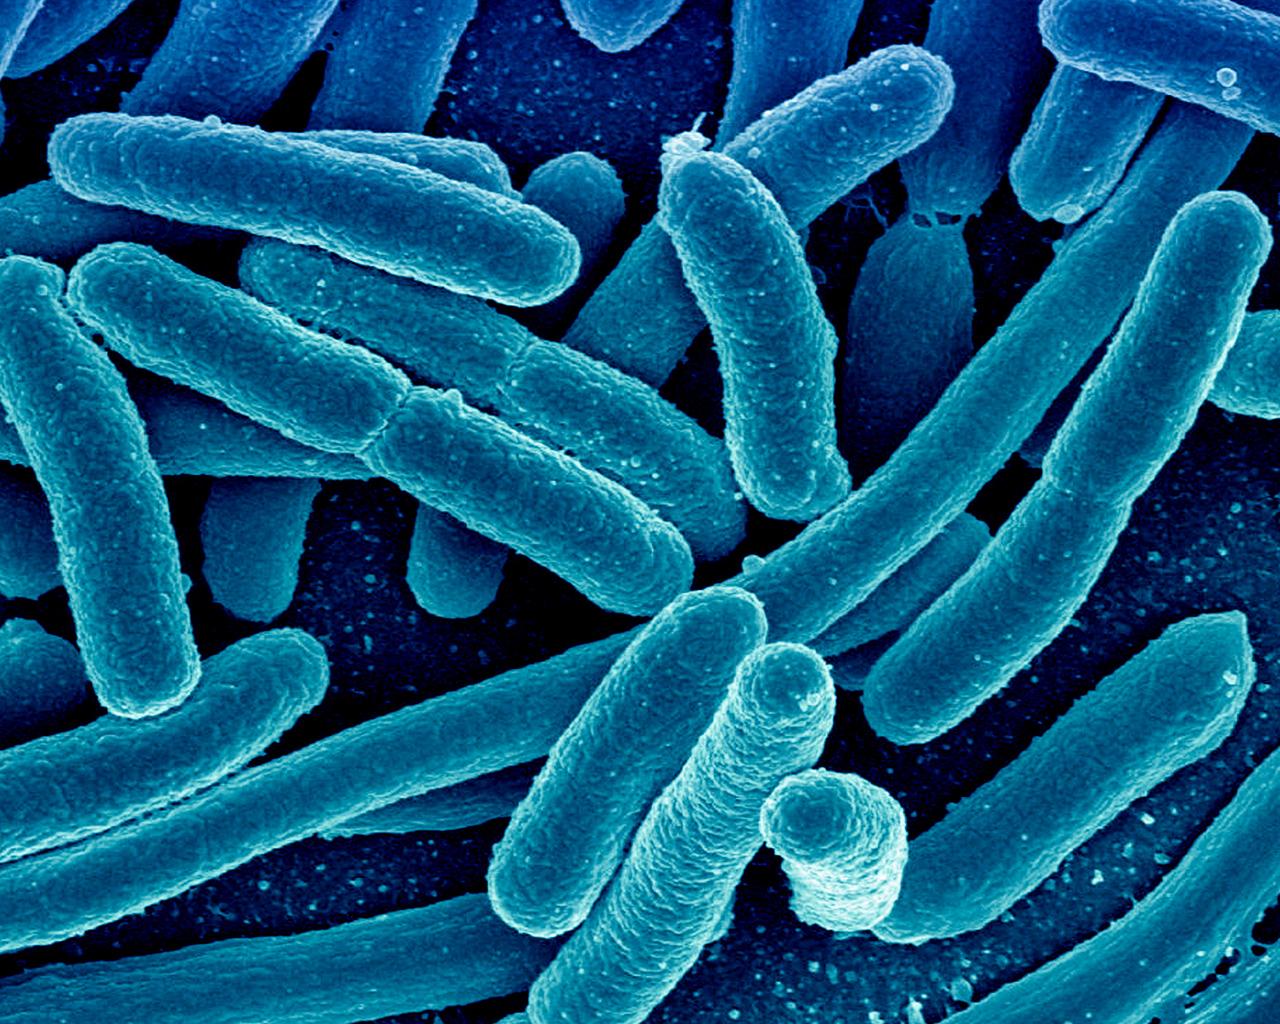 Probarán tecnología emergente en alimentos contaminados con bacteria resistente a los antibióticos